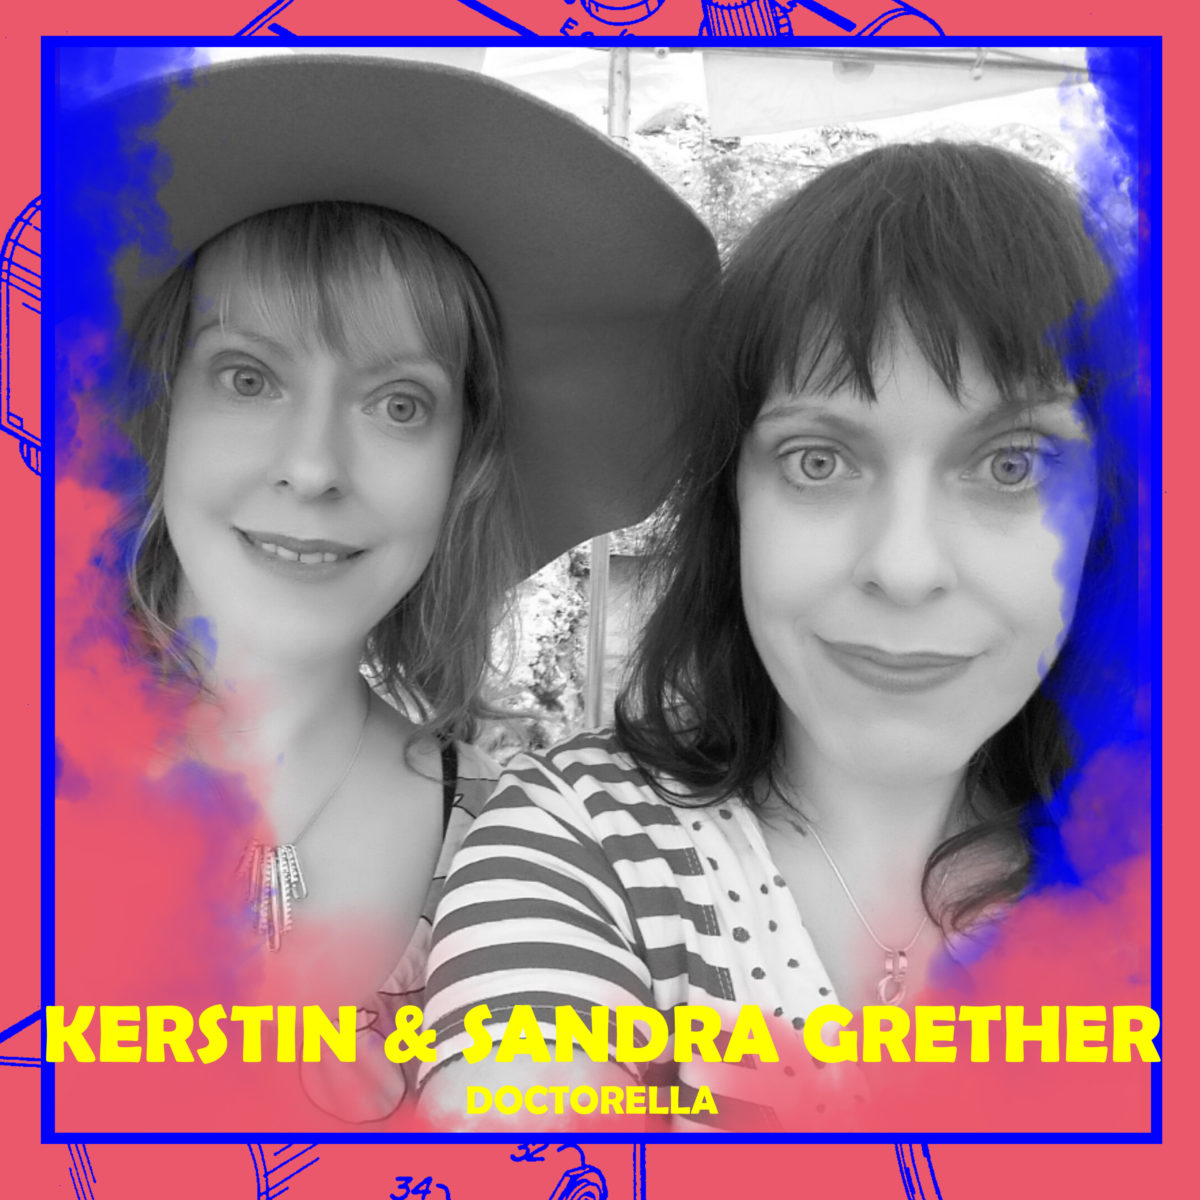 Kerstin und Sandra Grether (Doctorella)